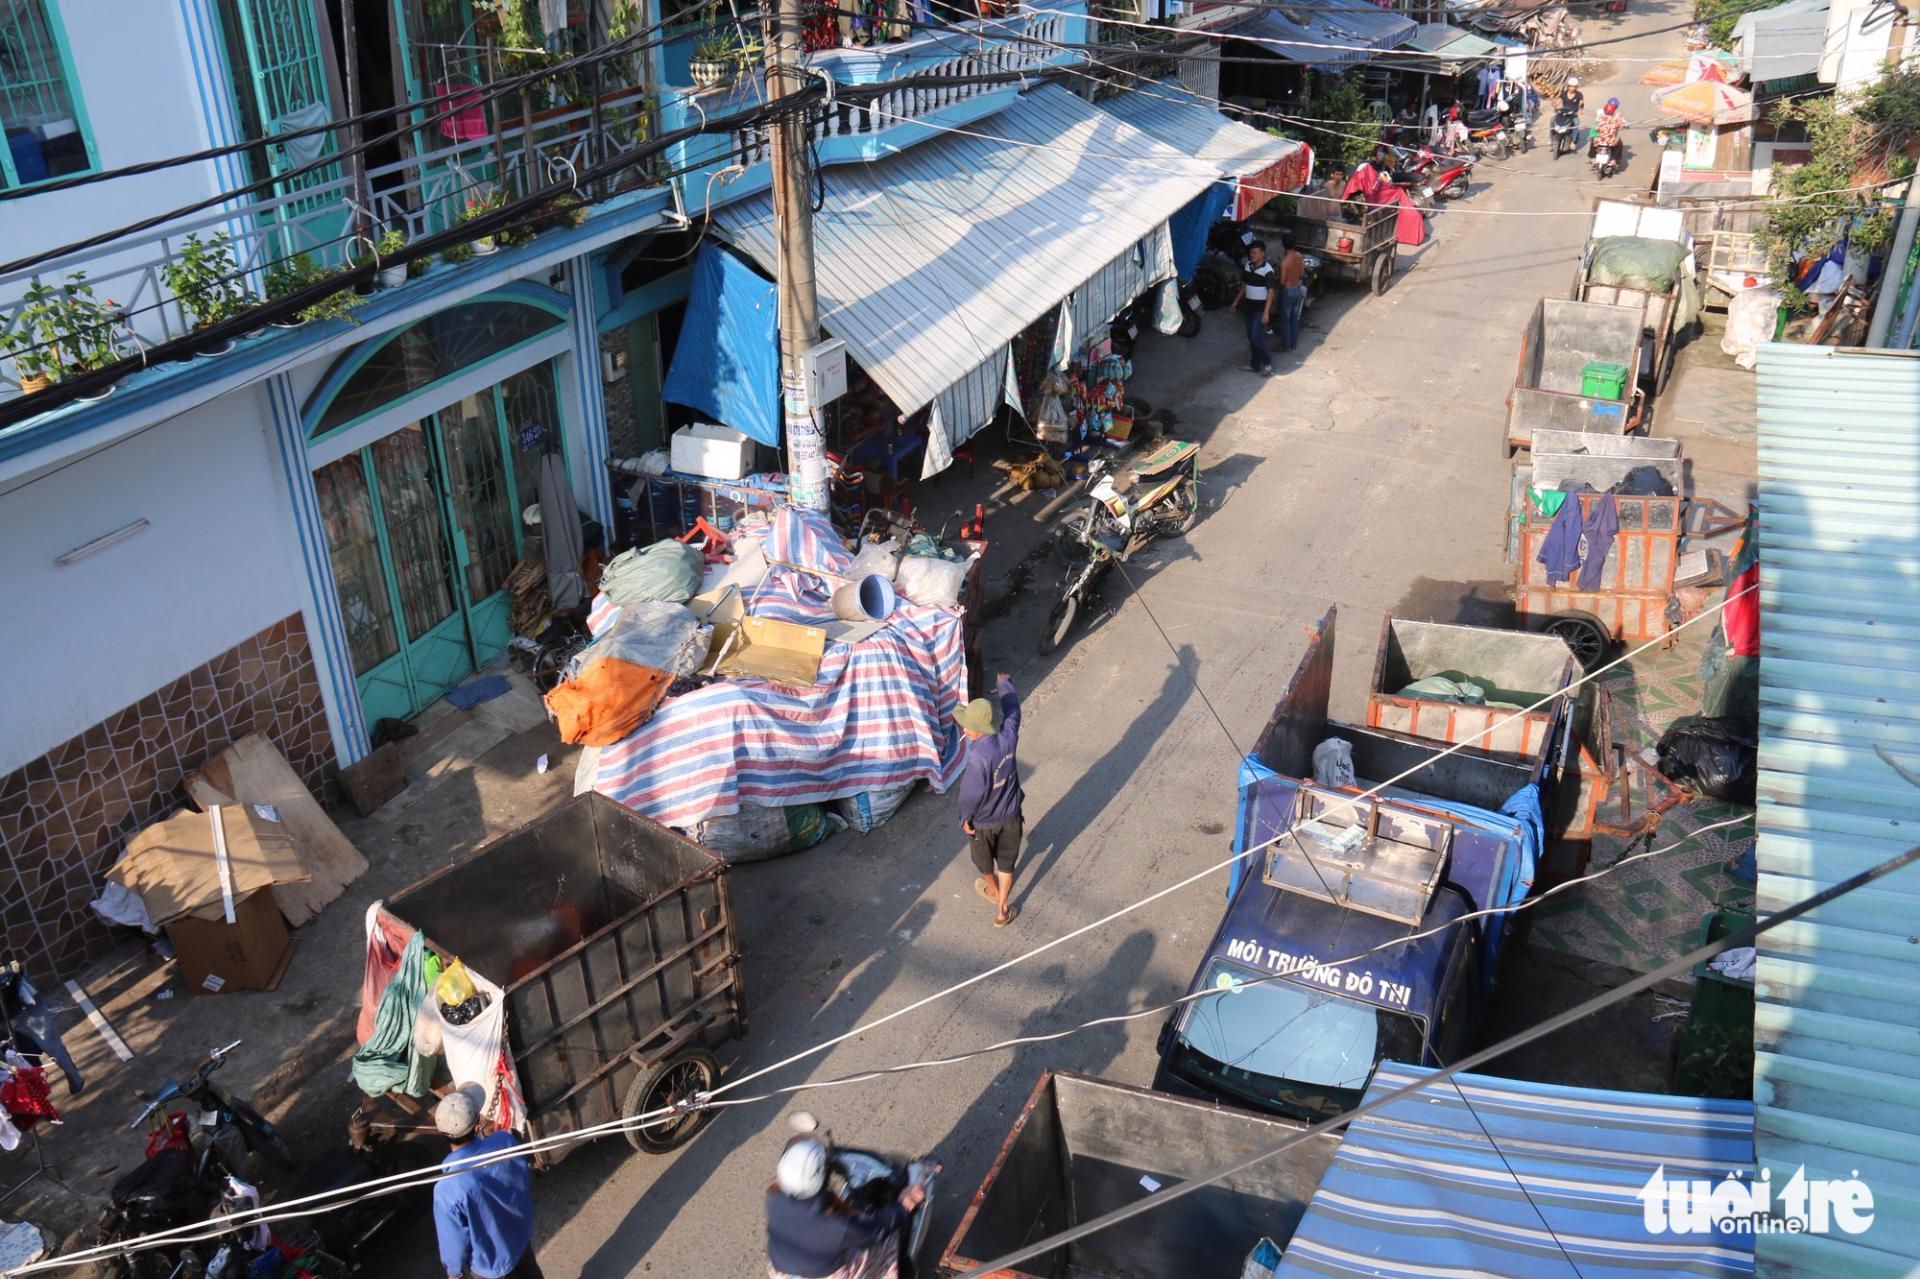 Hồ sơ Đời... rác - Kỳ cuối: Ký ức đất Sở Thùng ở Sài Gòn - Ảnh 3.